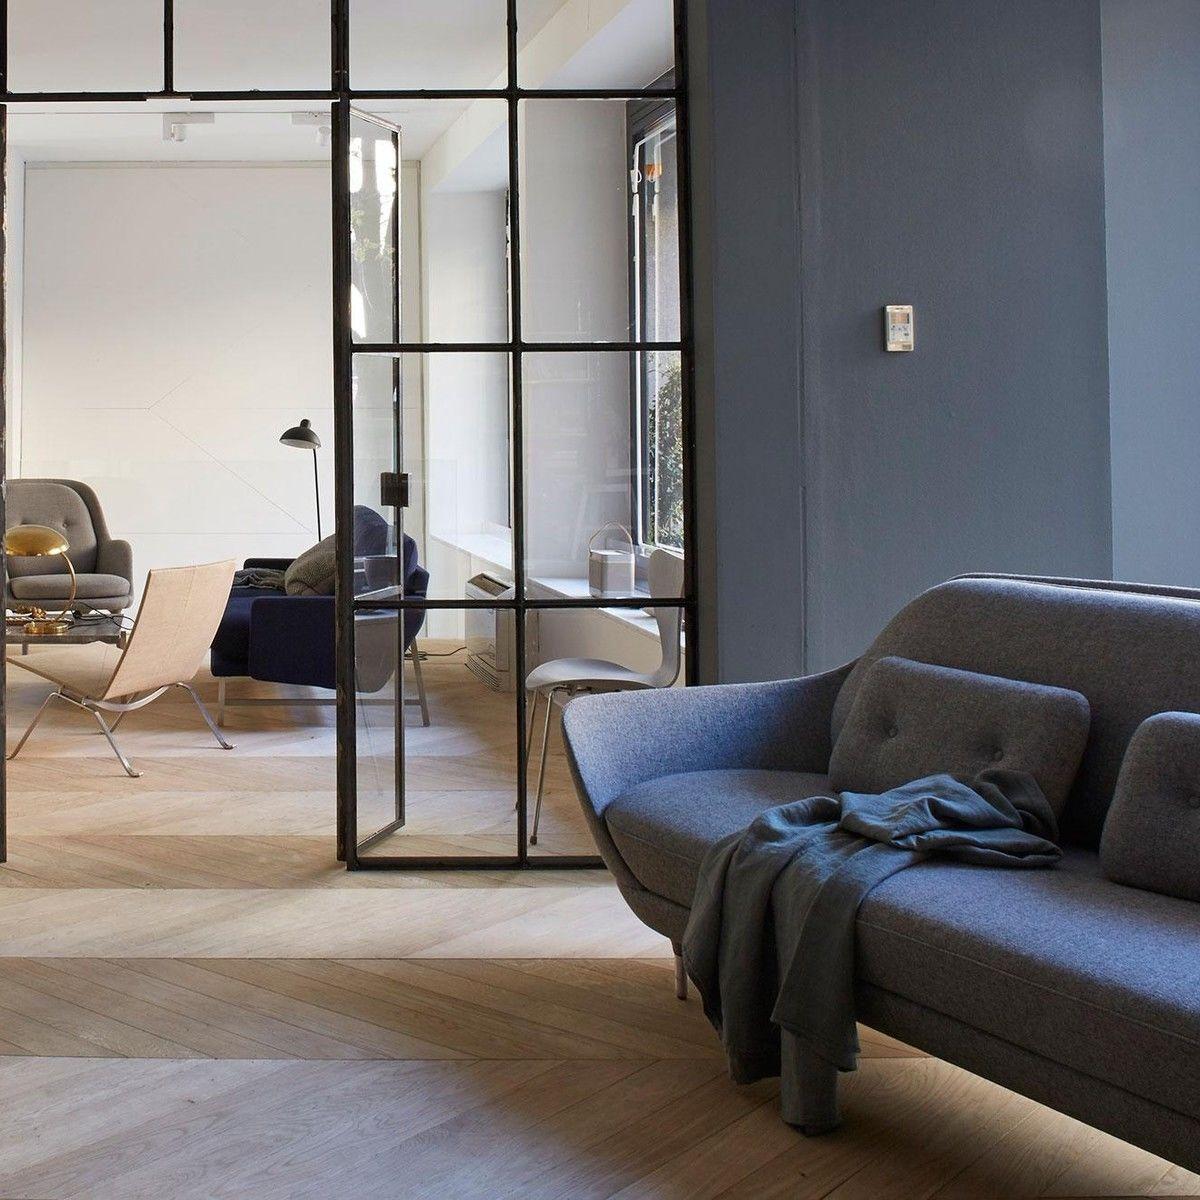 favn sofa fritz hansen. Black Bedroom Furniture Sets. Home Design Ideas